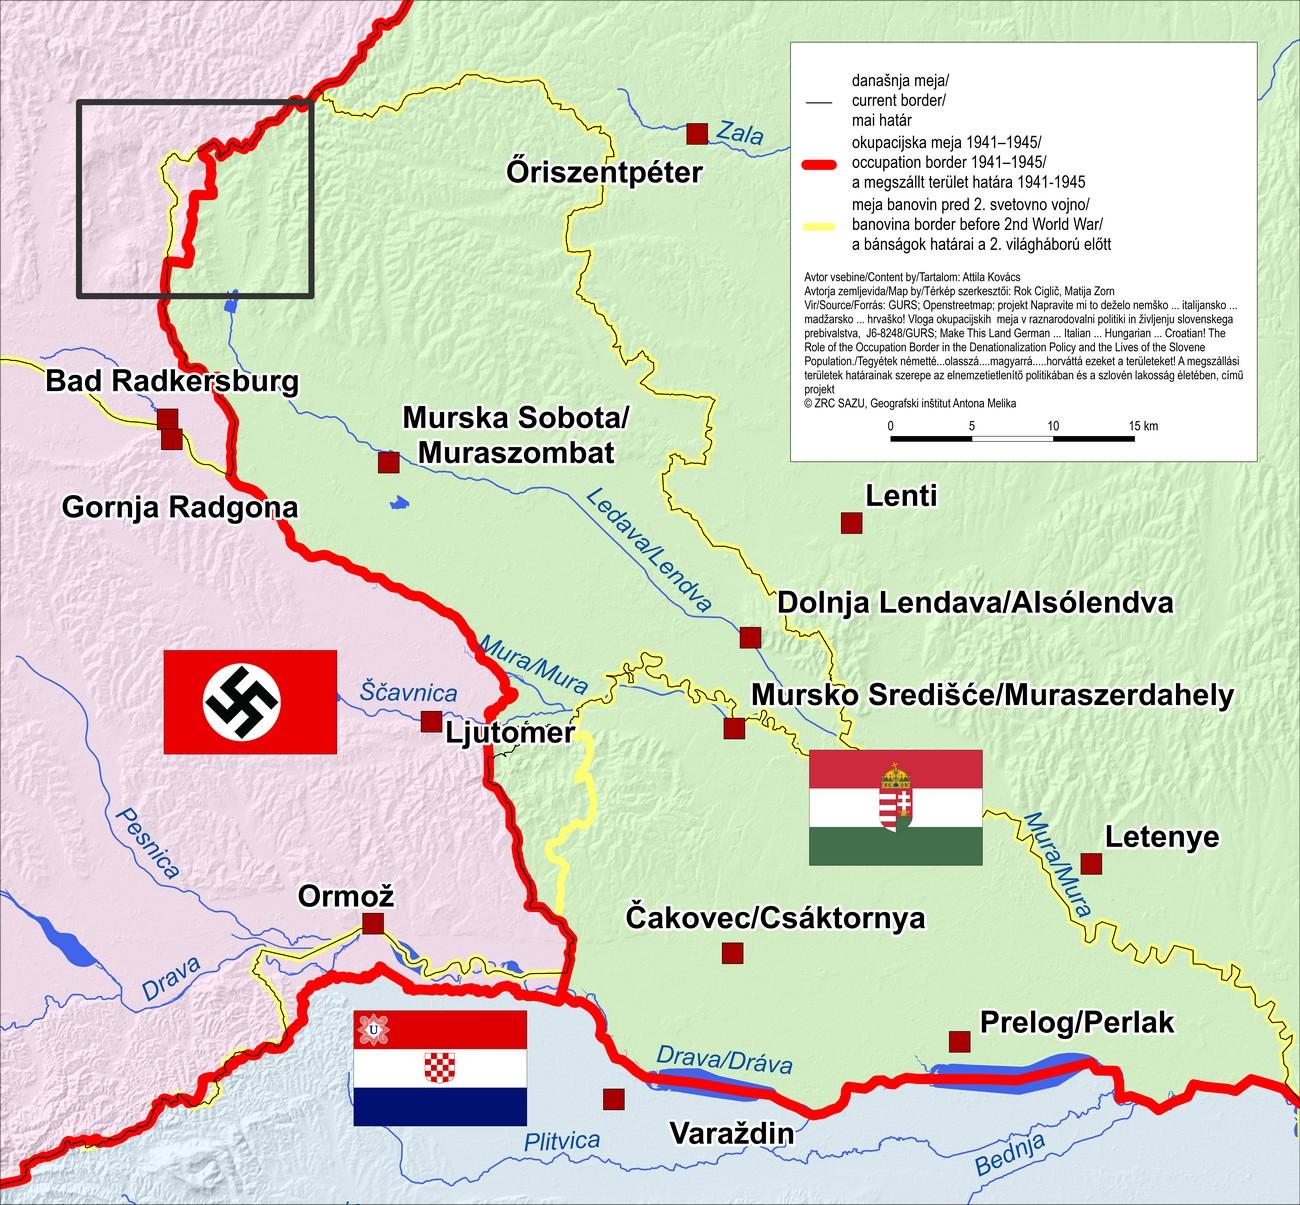 Zemljevid meje med Madžarsko, Nemčijo in NDH. Okupacija in priključitev Prekmurja k Madžarski leta 1941 je po eni strani pomenila ločitev prekmurskih Slovencev od rojakov na štajerski strani Mure in postavitev državne meje na reki, po drugi strani pa ponovno združitev Prekmurcev in Porabcev pod skupno političnoupravno ureditvijo.